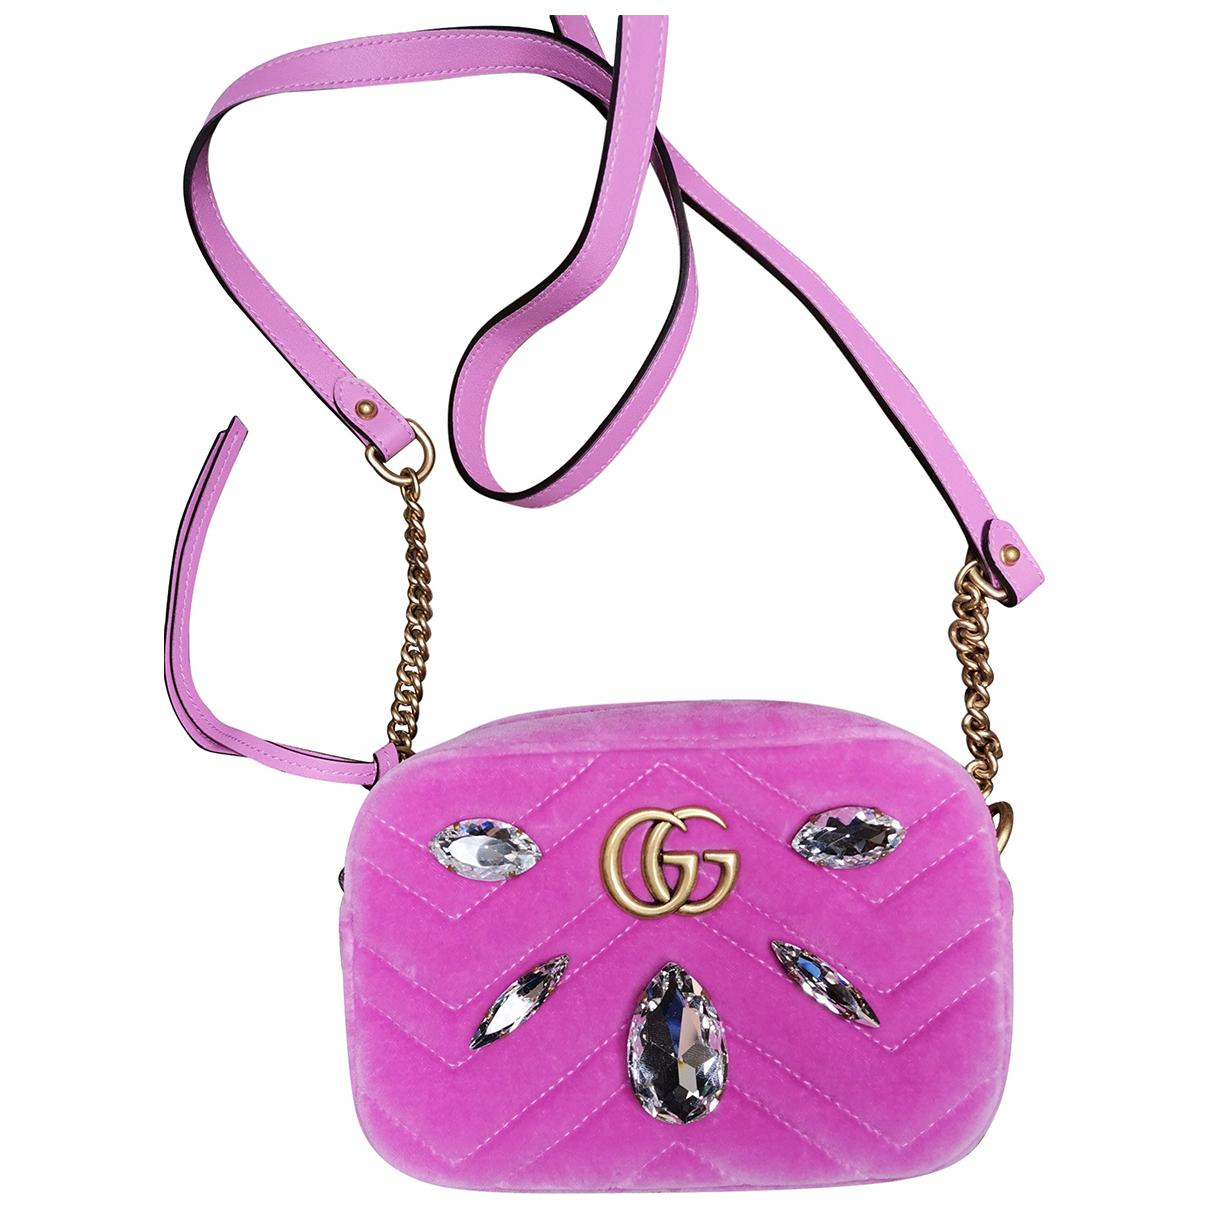 Gucci Marmont Handtasche in  Rosa Samt